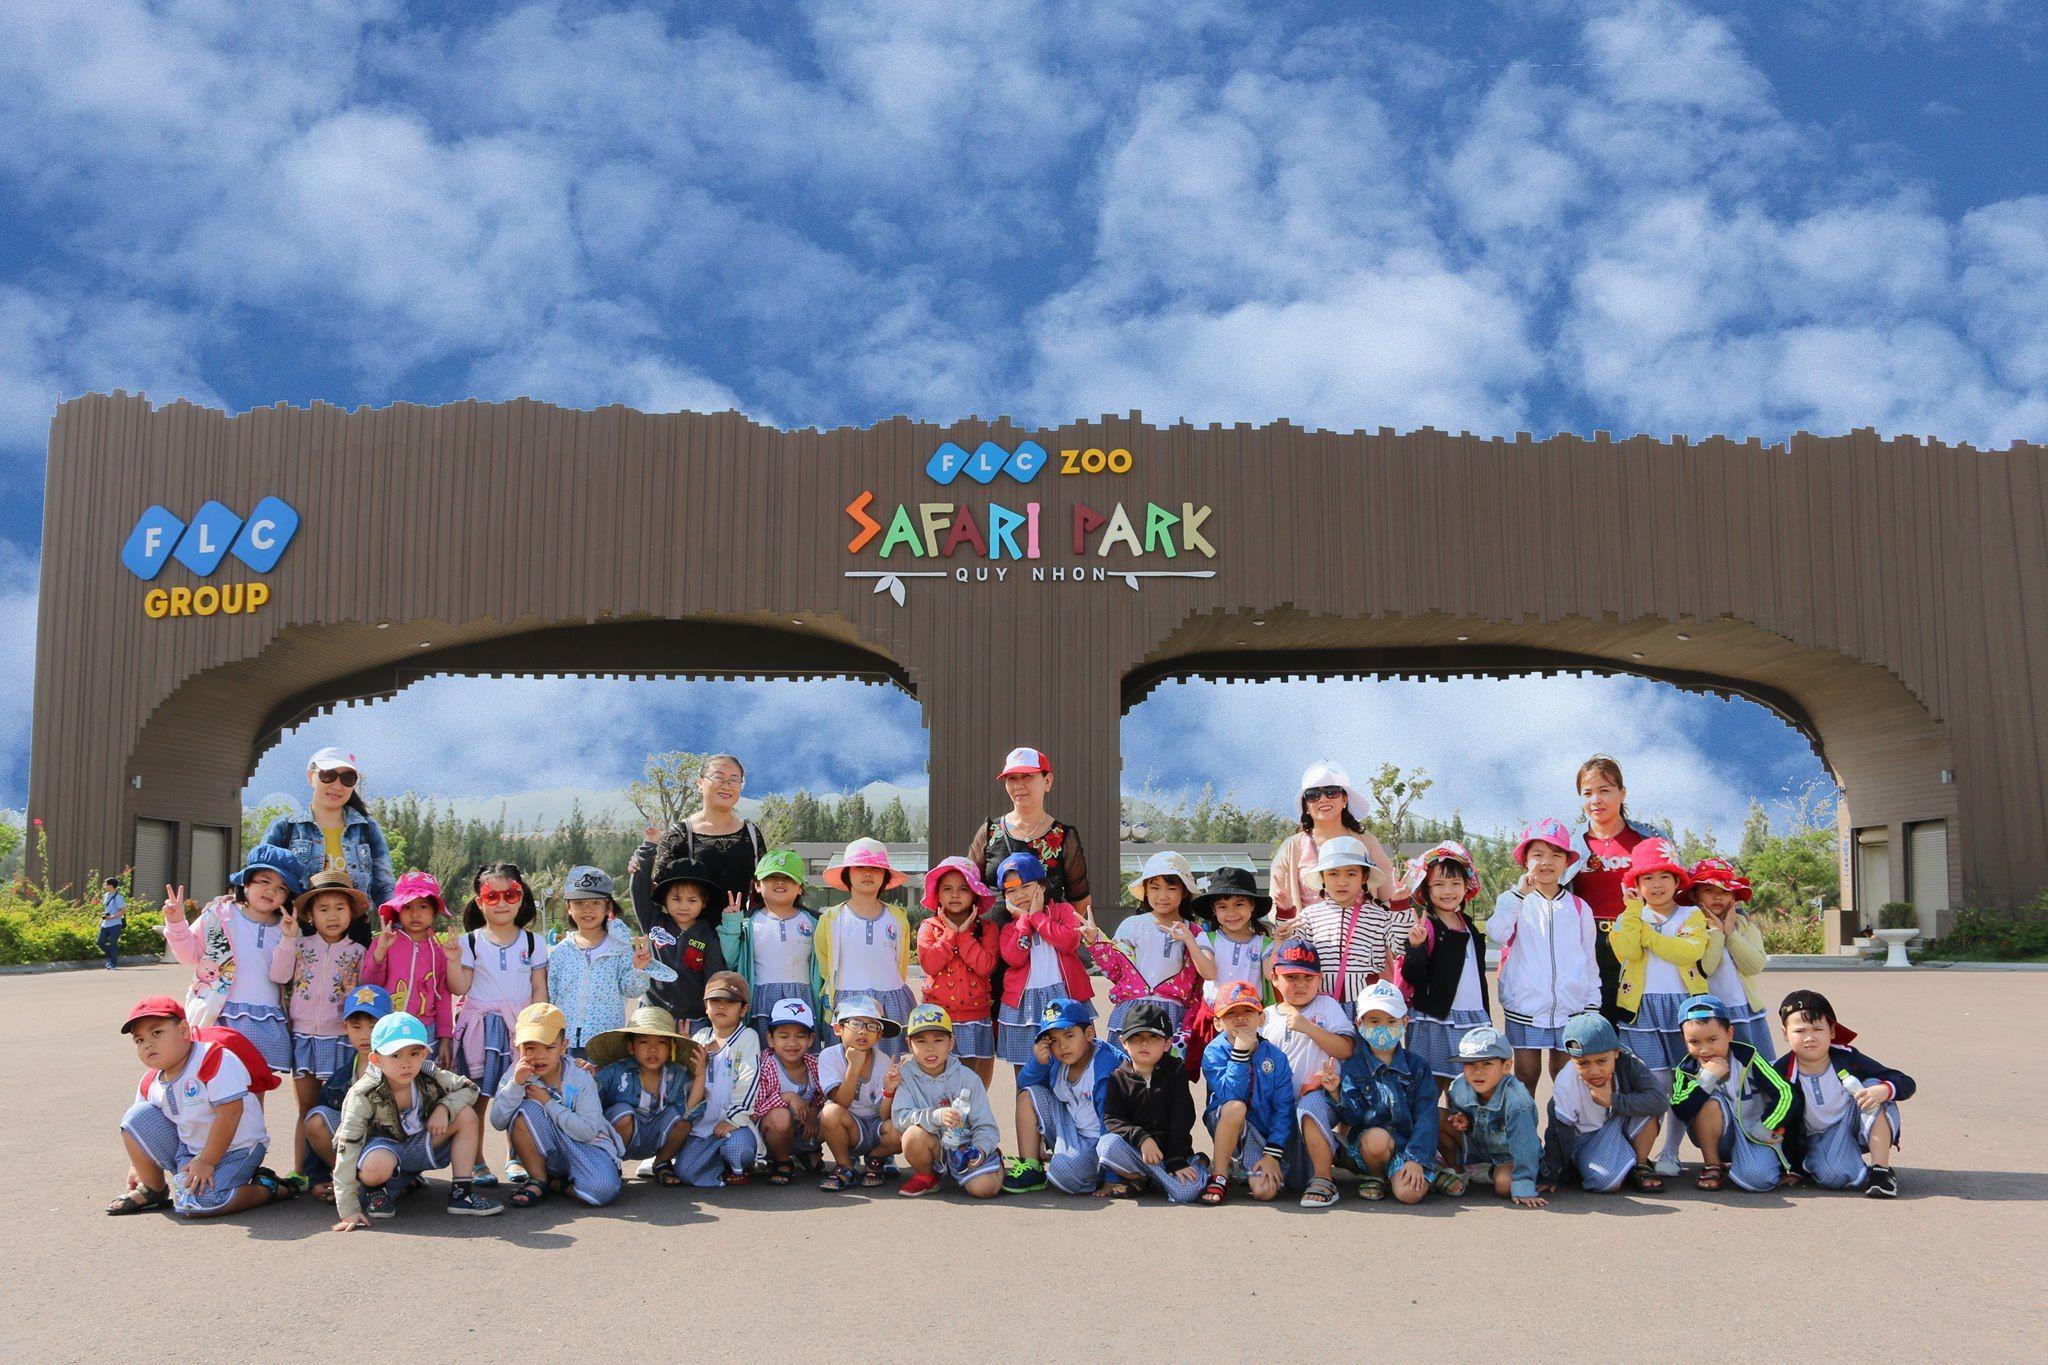 Khám phá FLC Zoo Safari Park – vườn thú bán hoang dã độc đáo tại Quy Nhơn  - Ảnh 12